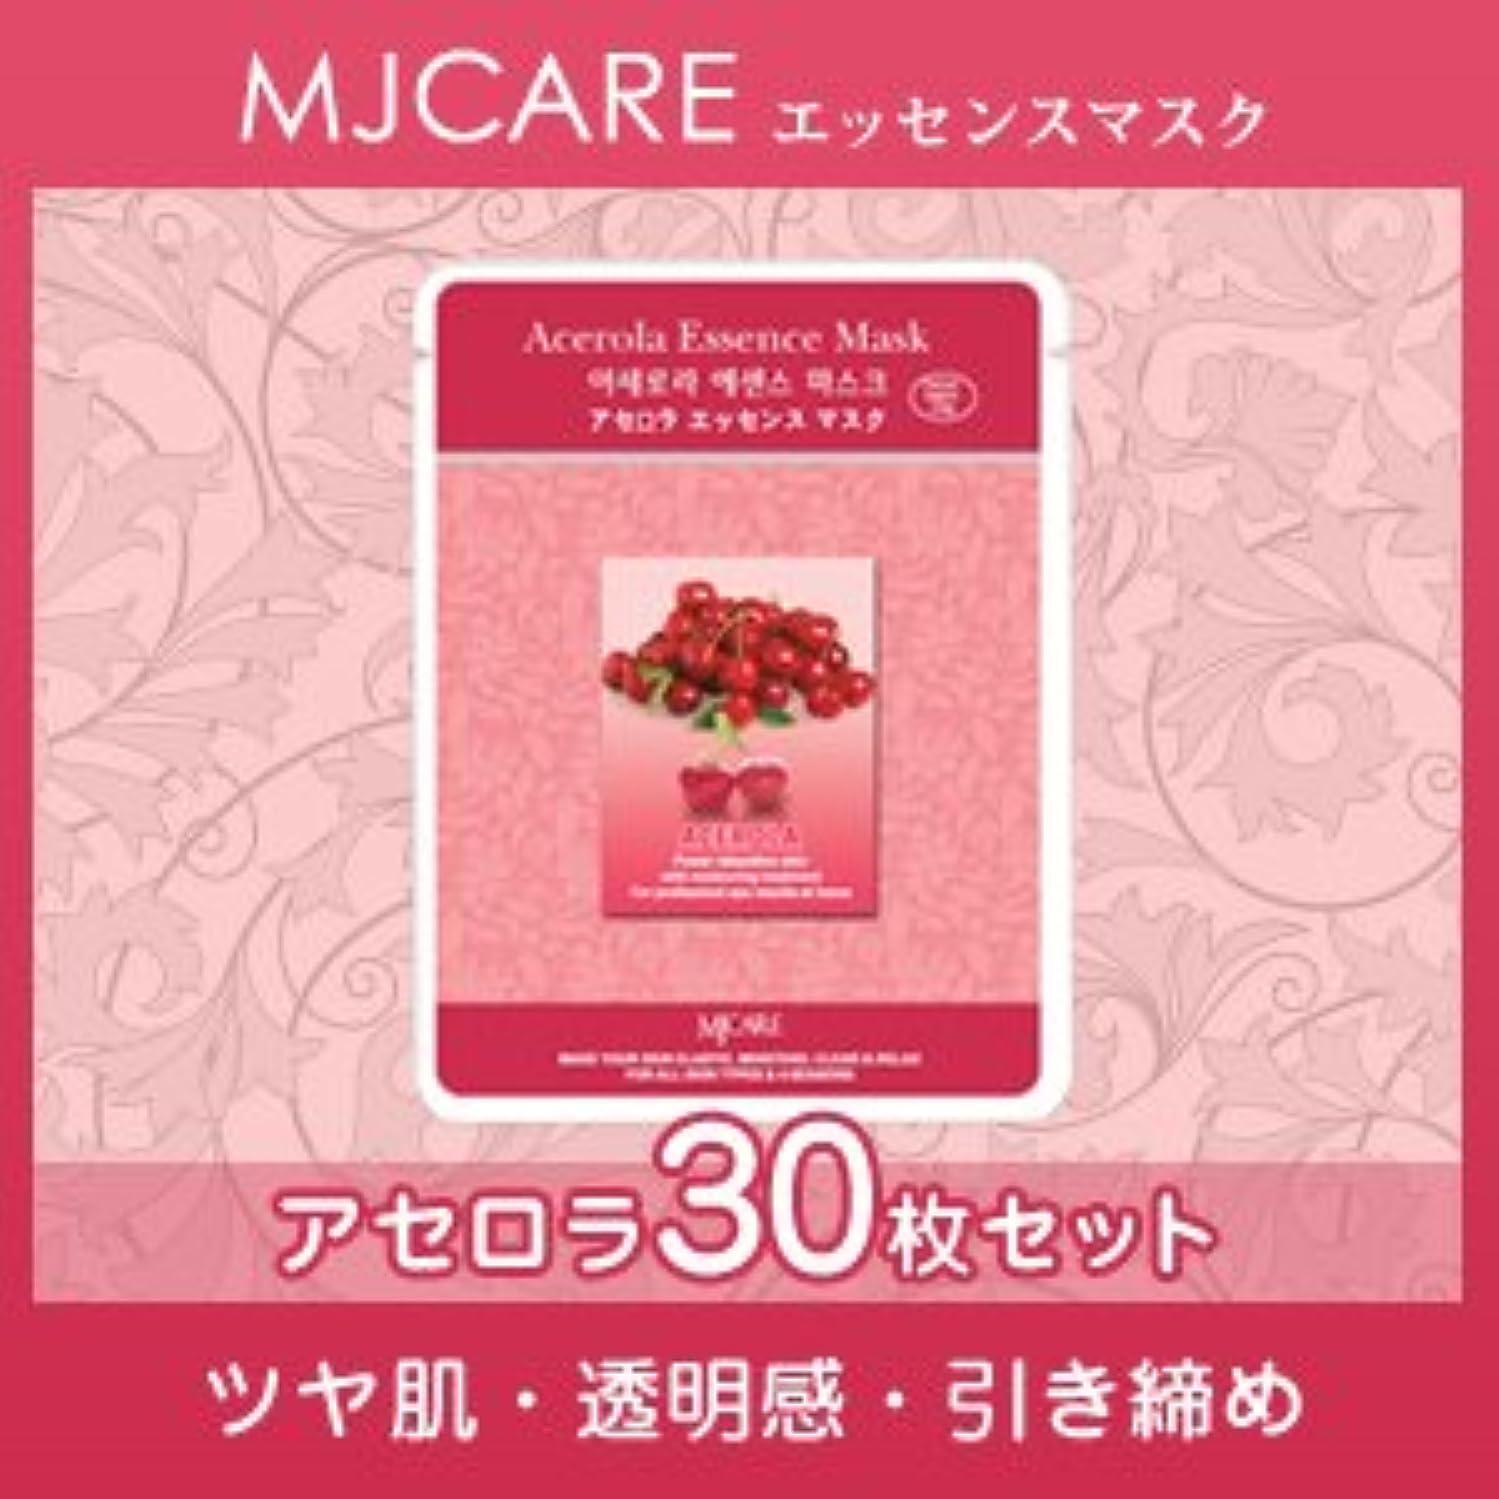 剃る質量推定MJCARE (エムジェイケア) アセロラ エッセンスマスク 30セット